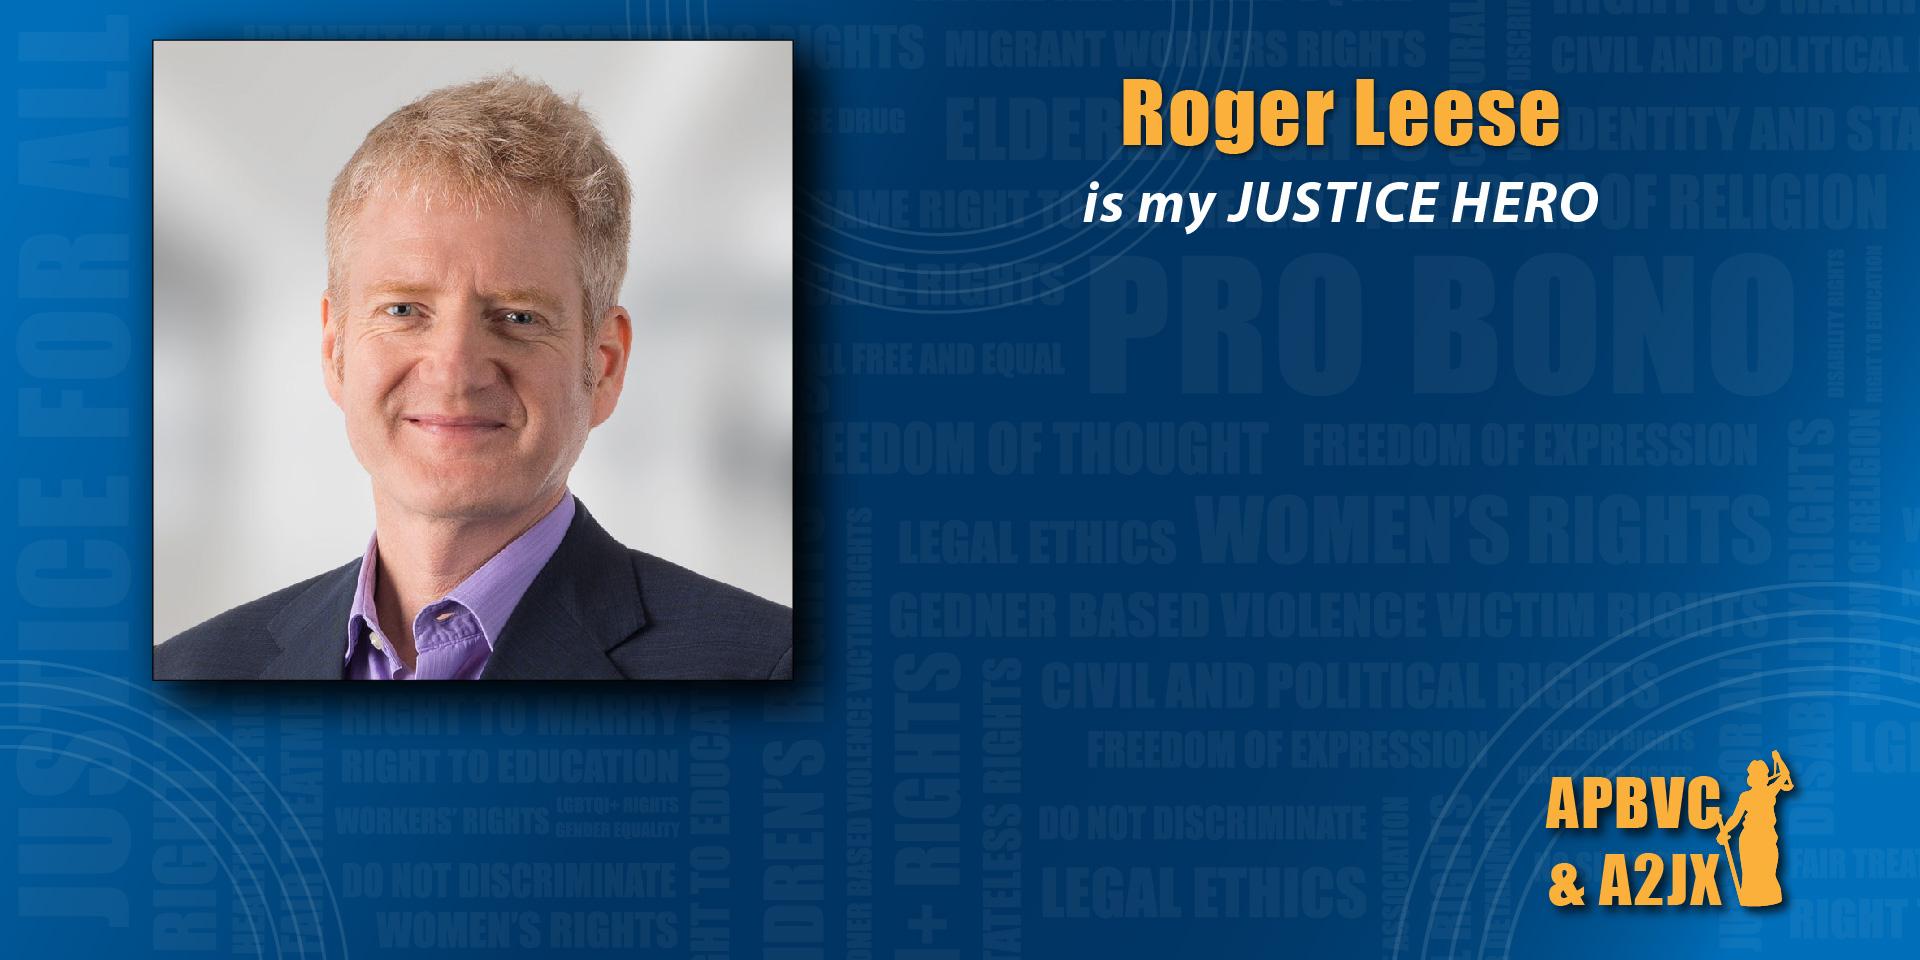 Roger Leese